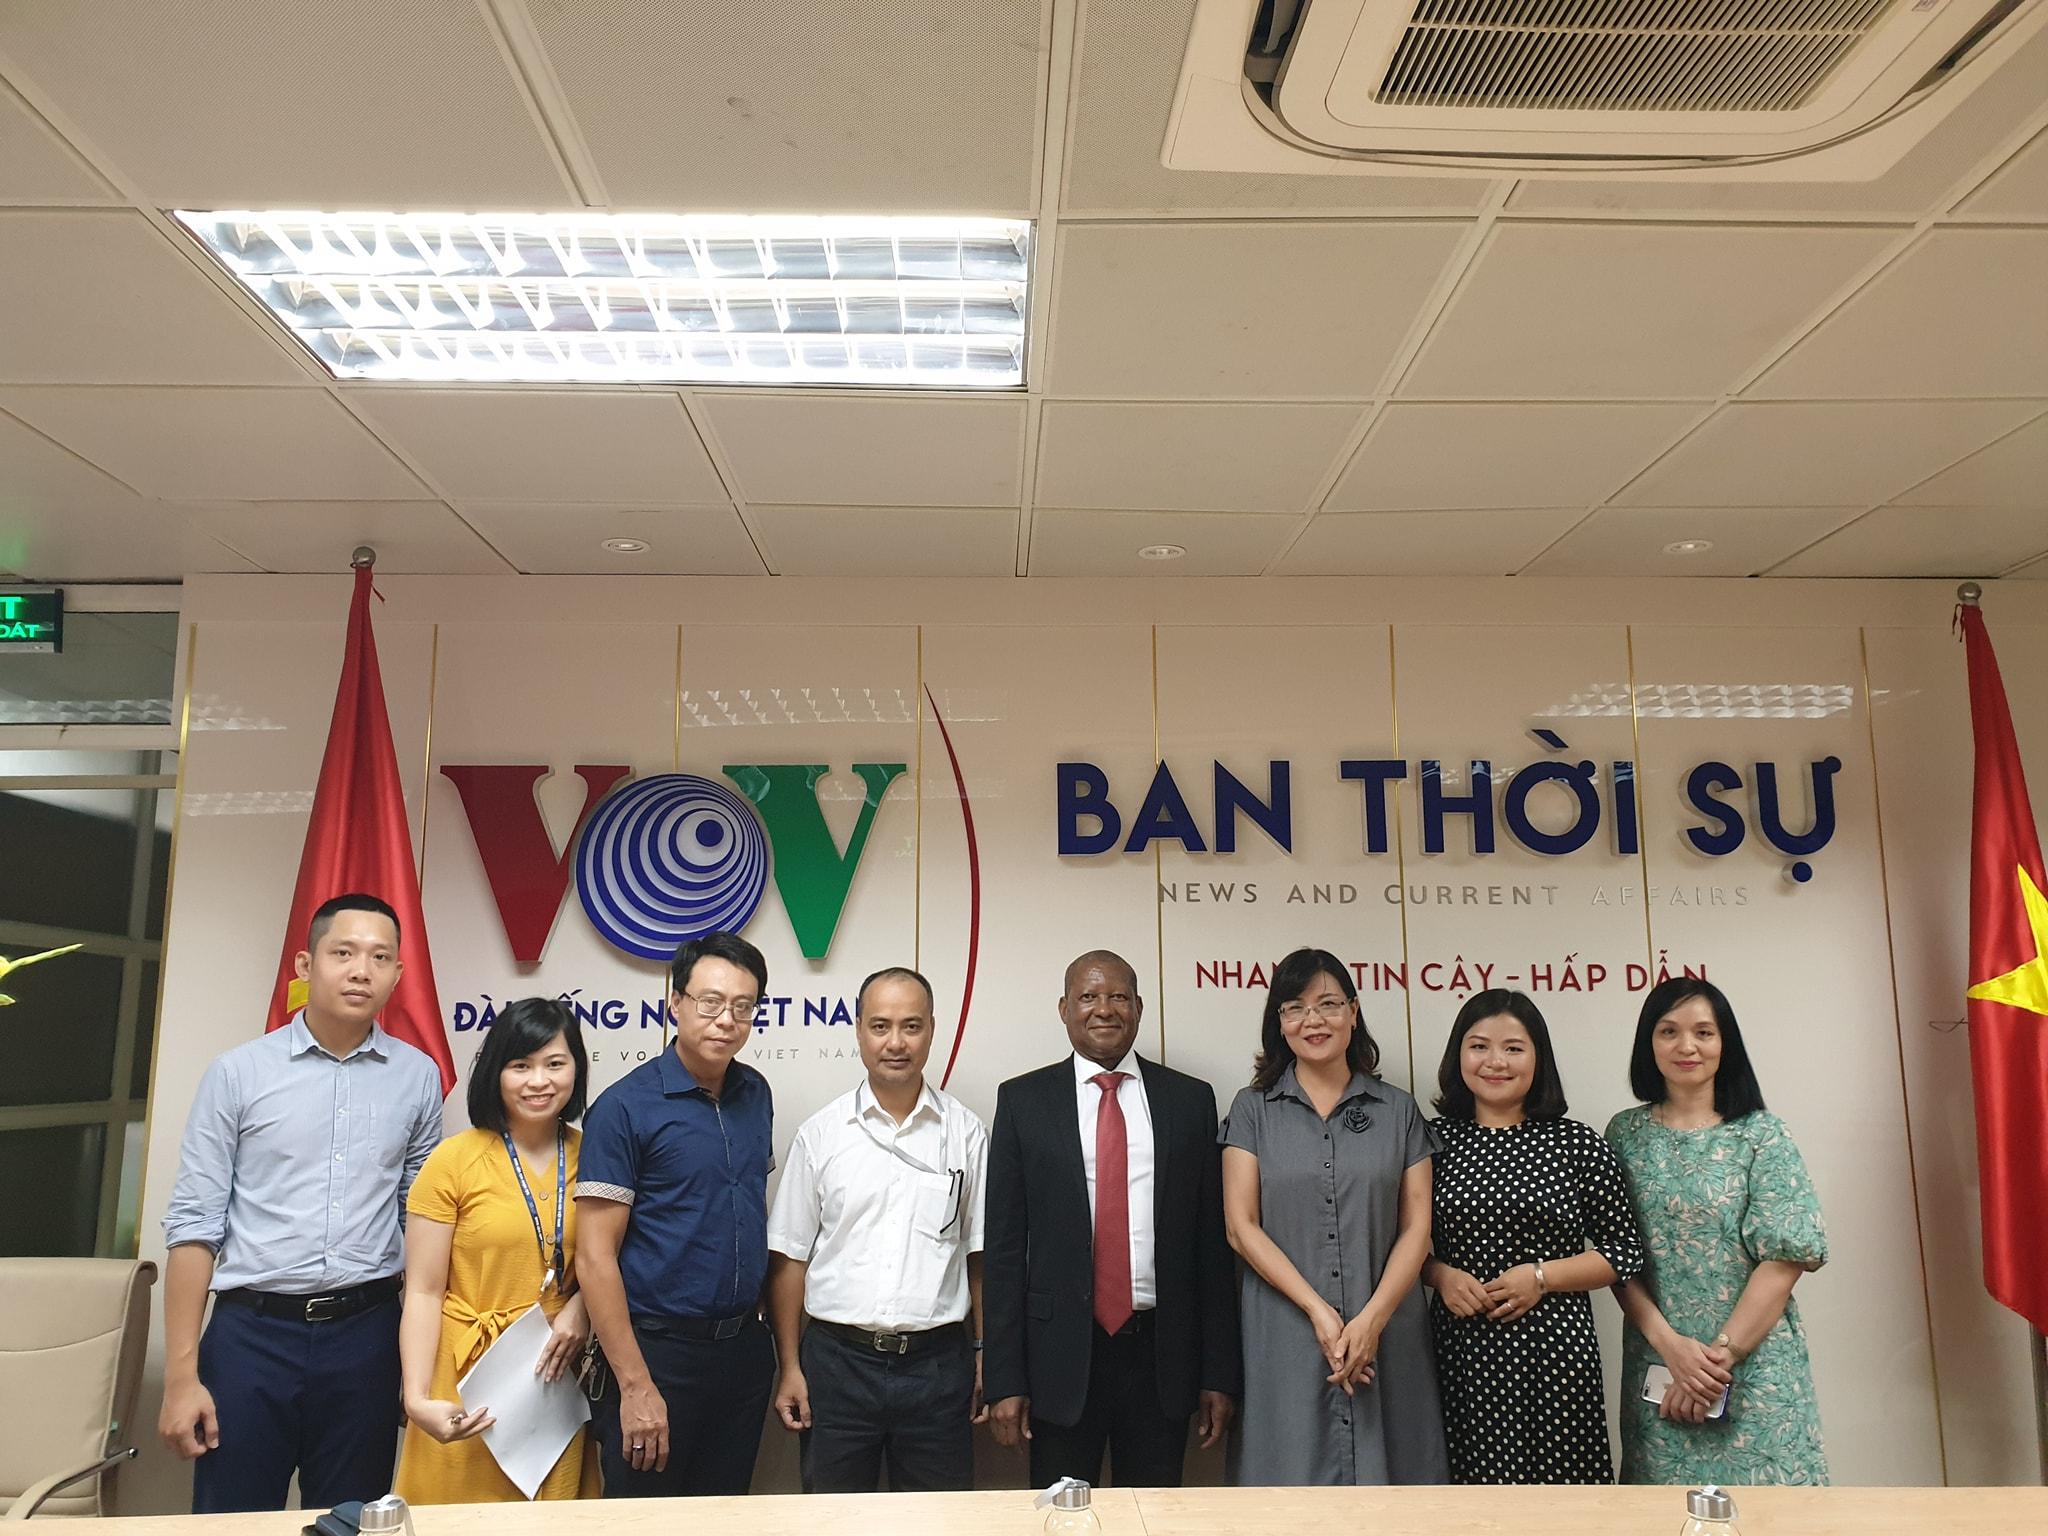 Ngoại giao và vai trò thúc đẩy hợp tác kinh tế giữa Việt Nam với khu vực Trung Đông – Châu  Phi (7/9/2019)